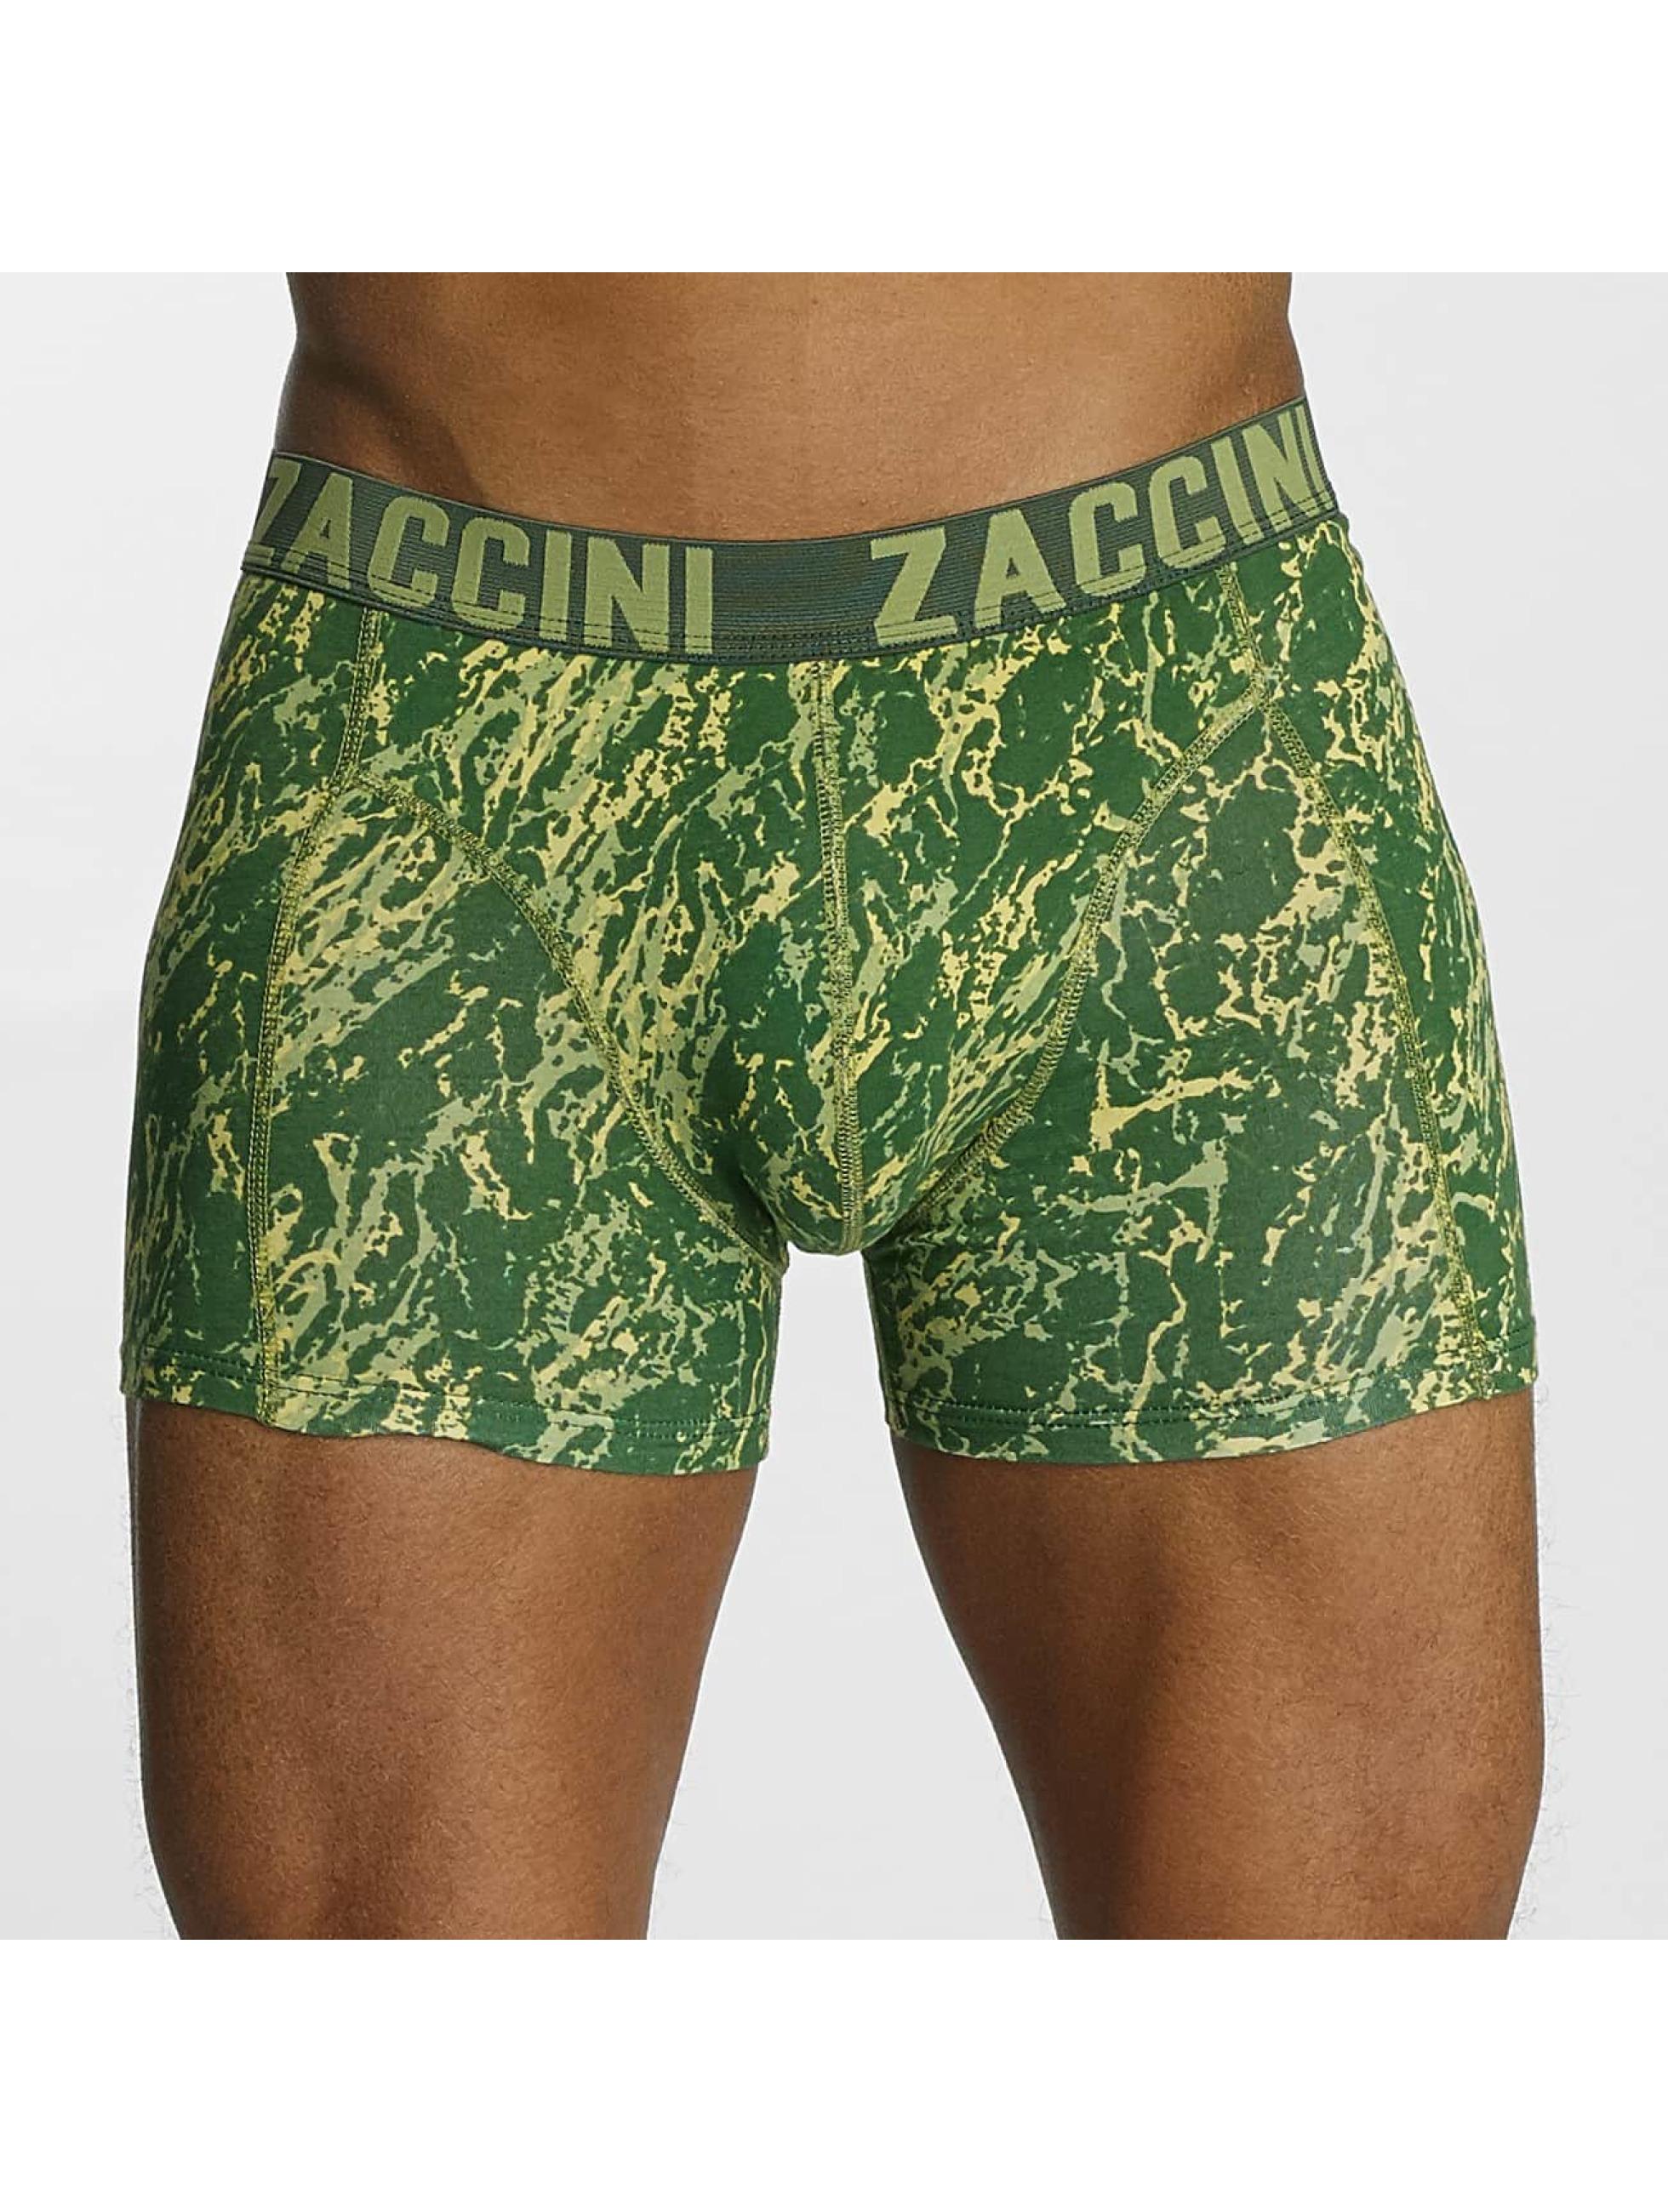 Zaccini Boxer Mineral vert